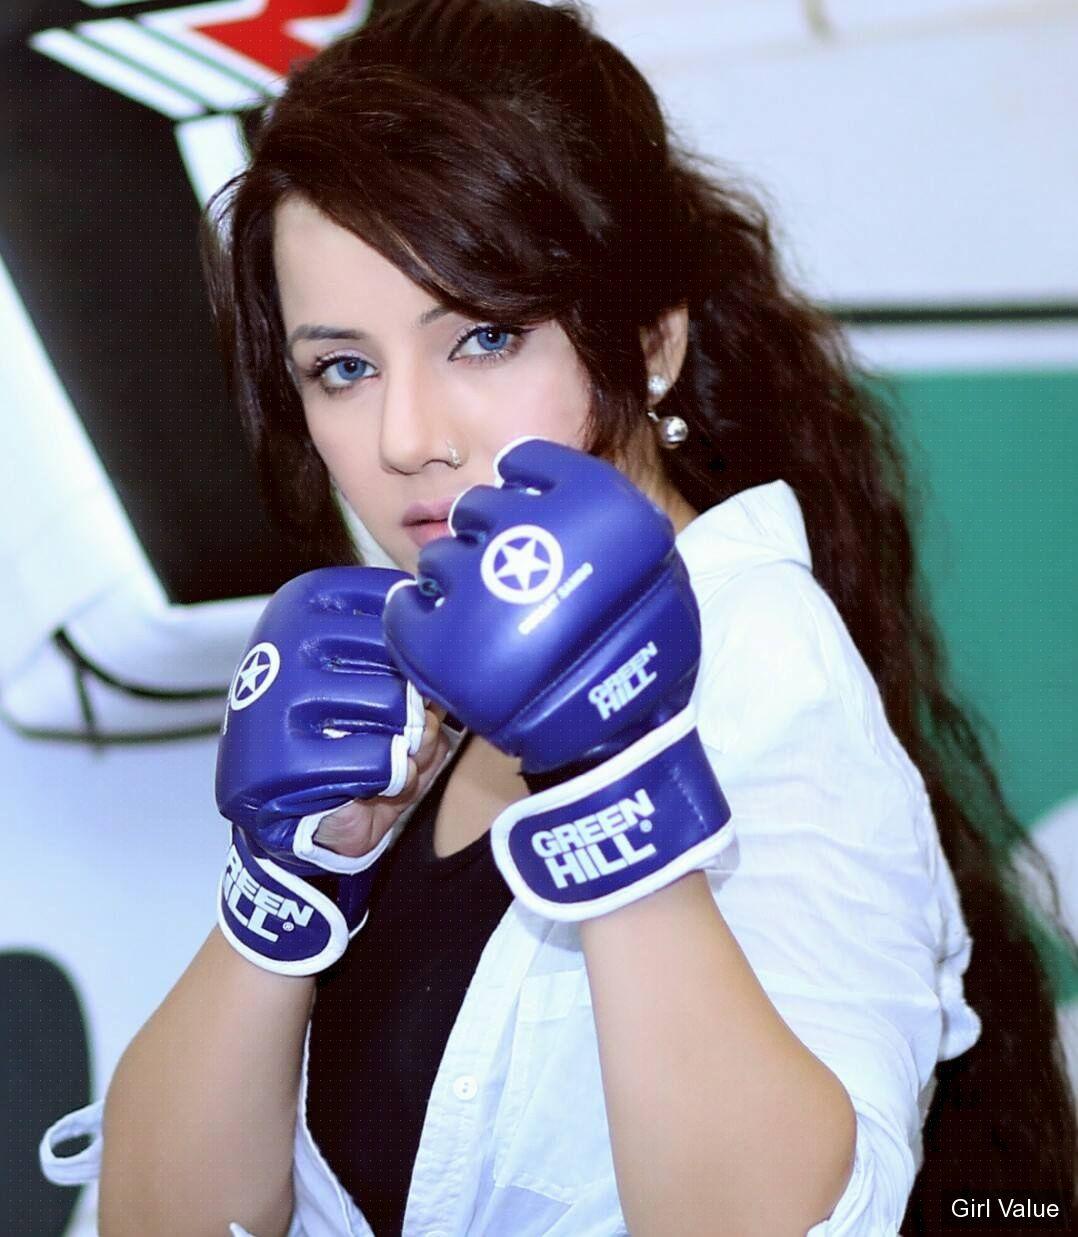 rabi pirzada peerzada rabi-pirzada singer pakistani actress